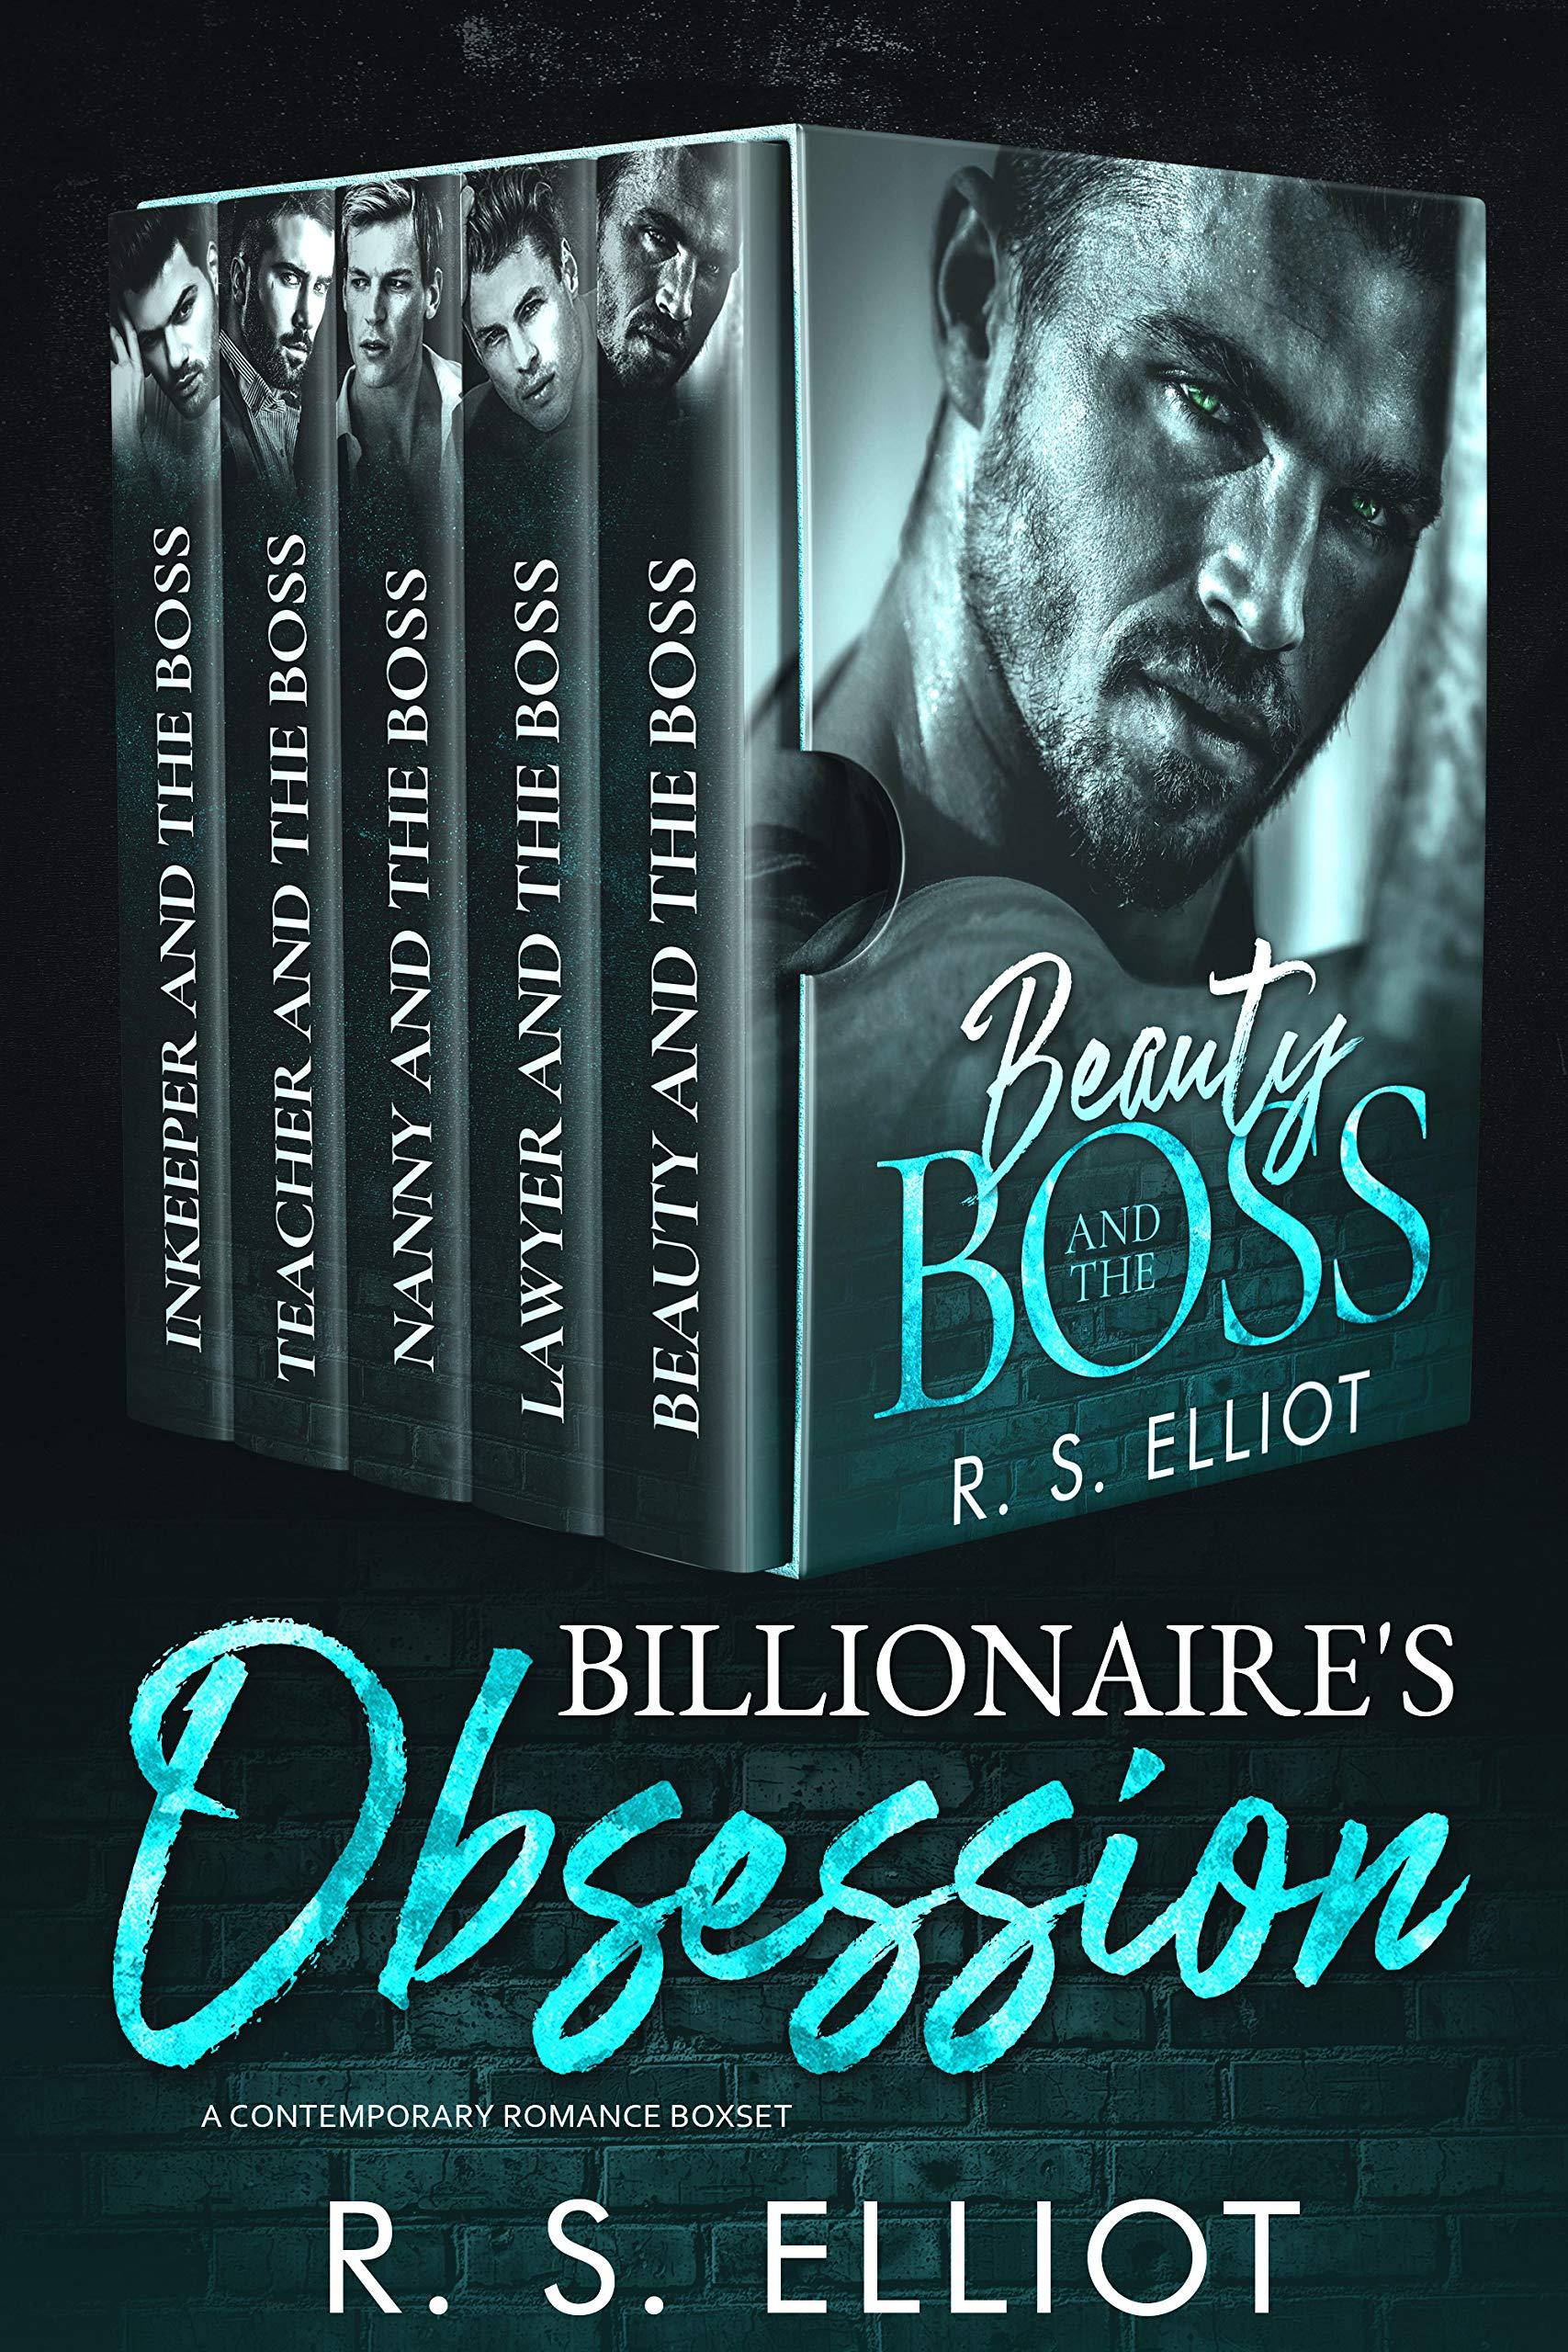 Billionaire's Obsession Books 1-5